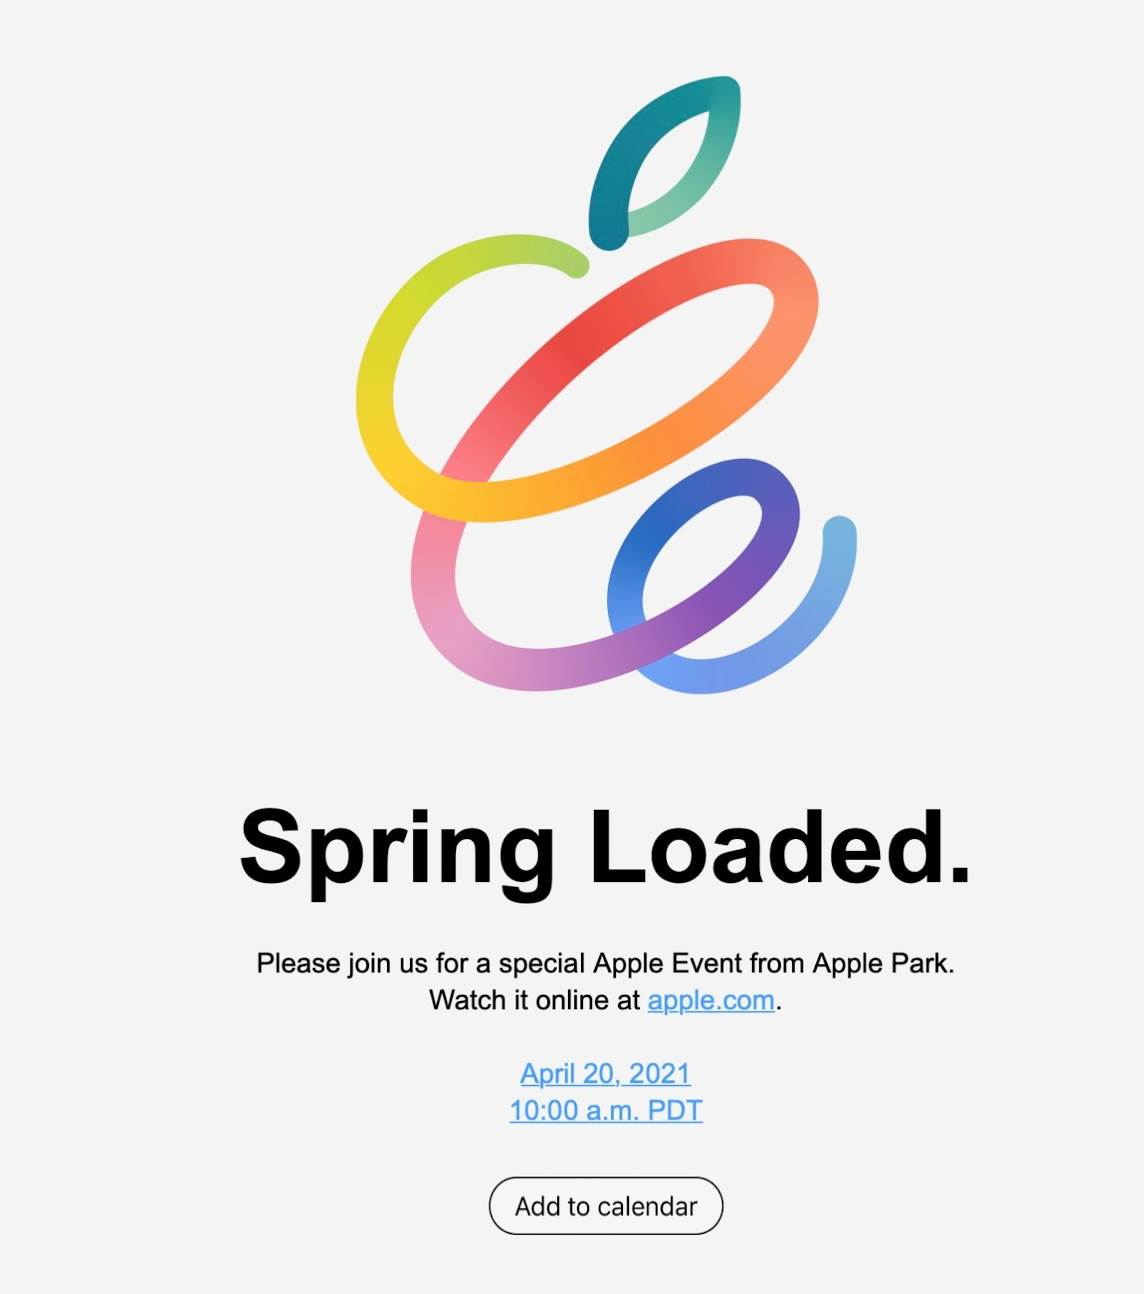 Oficjalnie: Apple zaprasza na wirtualną konferencję 20 kwietnia polecane, ciekawostki wiosenna konferencja, Apple  No i stało się. Jest to już oficjalna pochodząca od Apple informacja. Wiosenna konferencja odbędzie się we wtorek 20 kwietnia 2021 roku. konfa 1